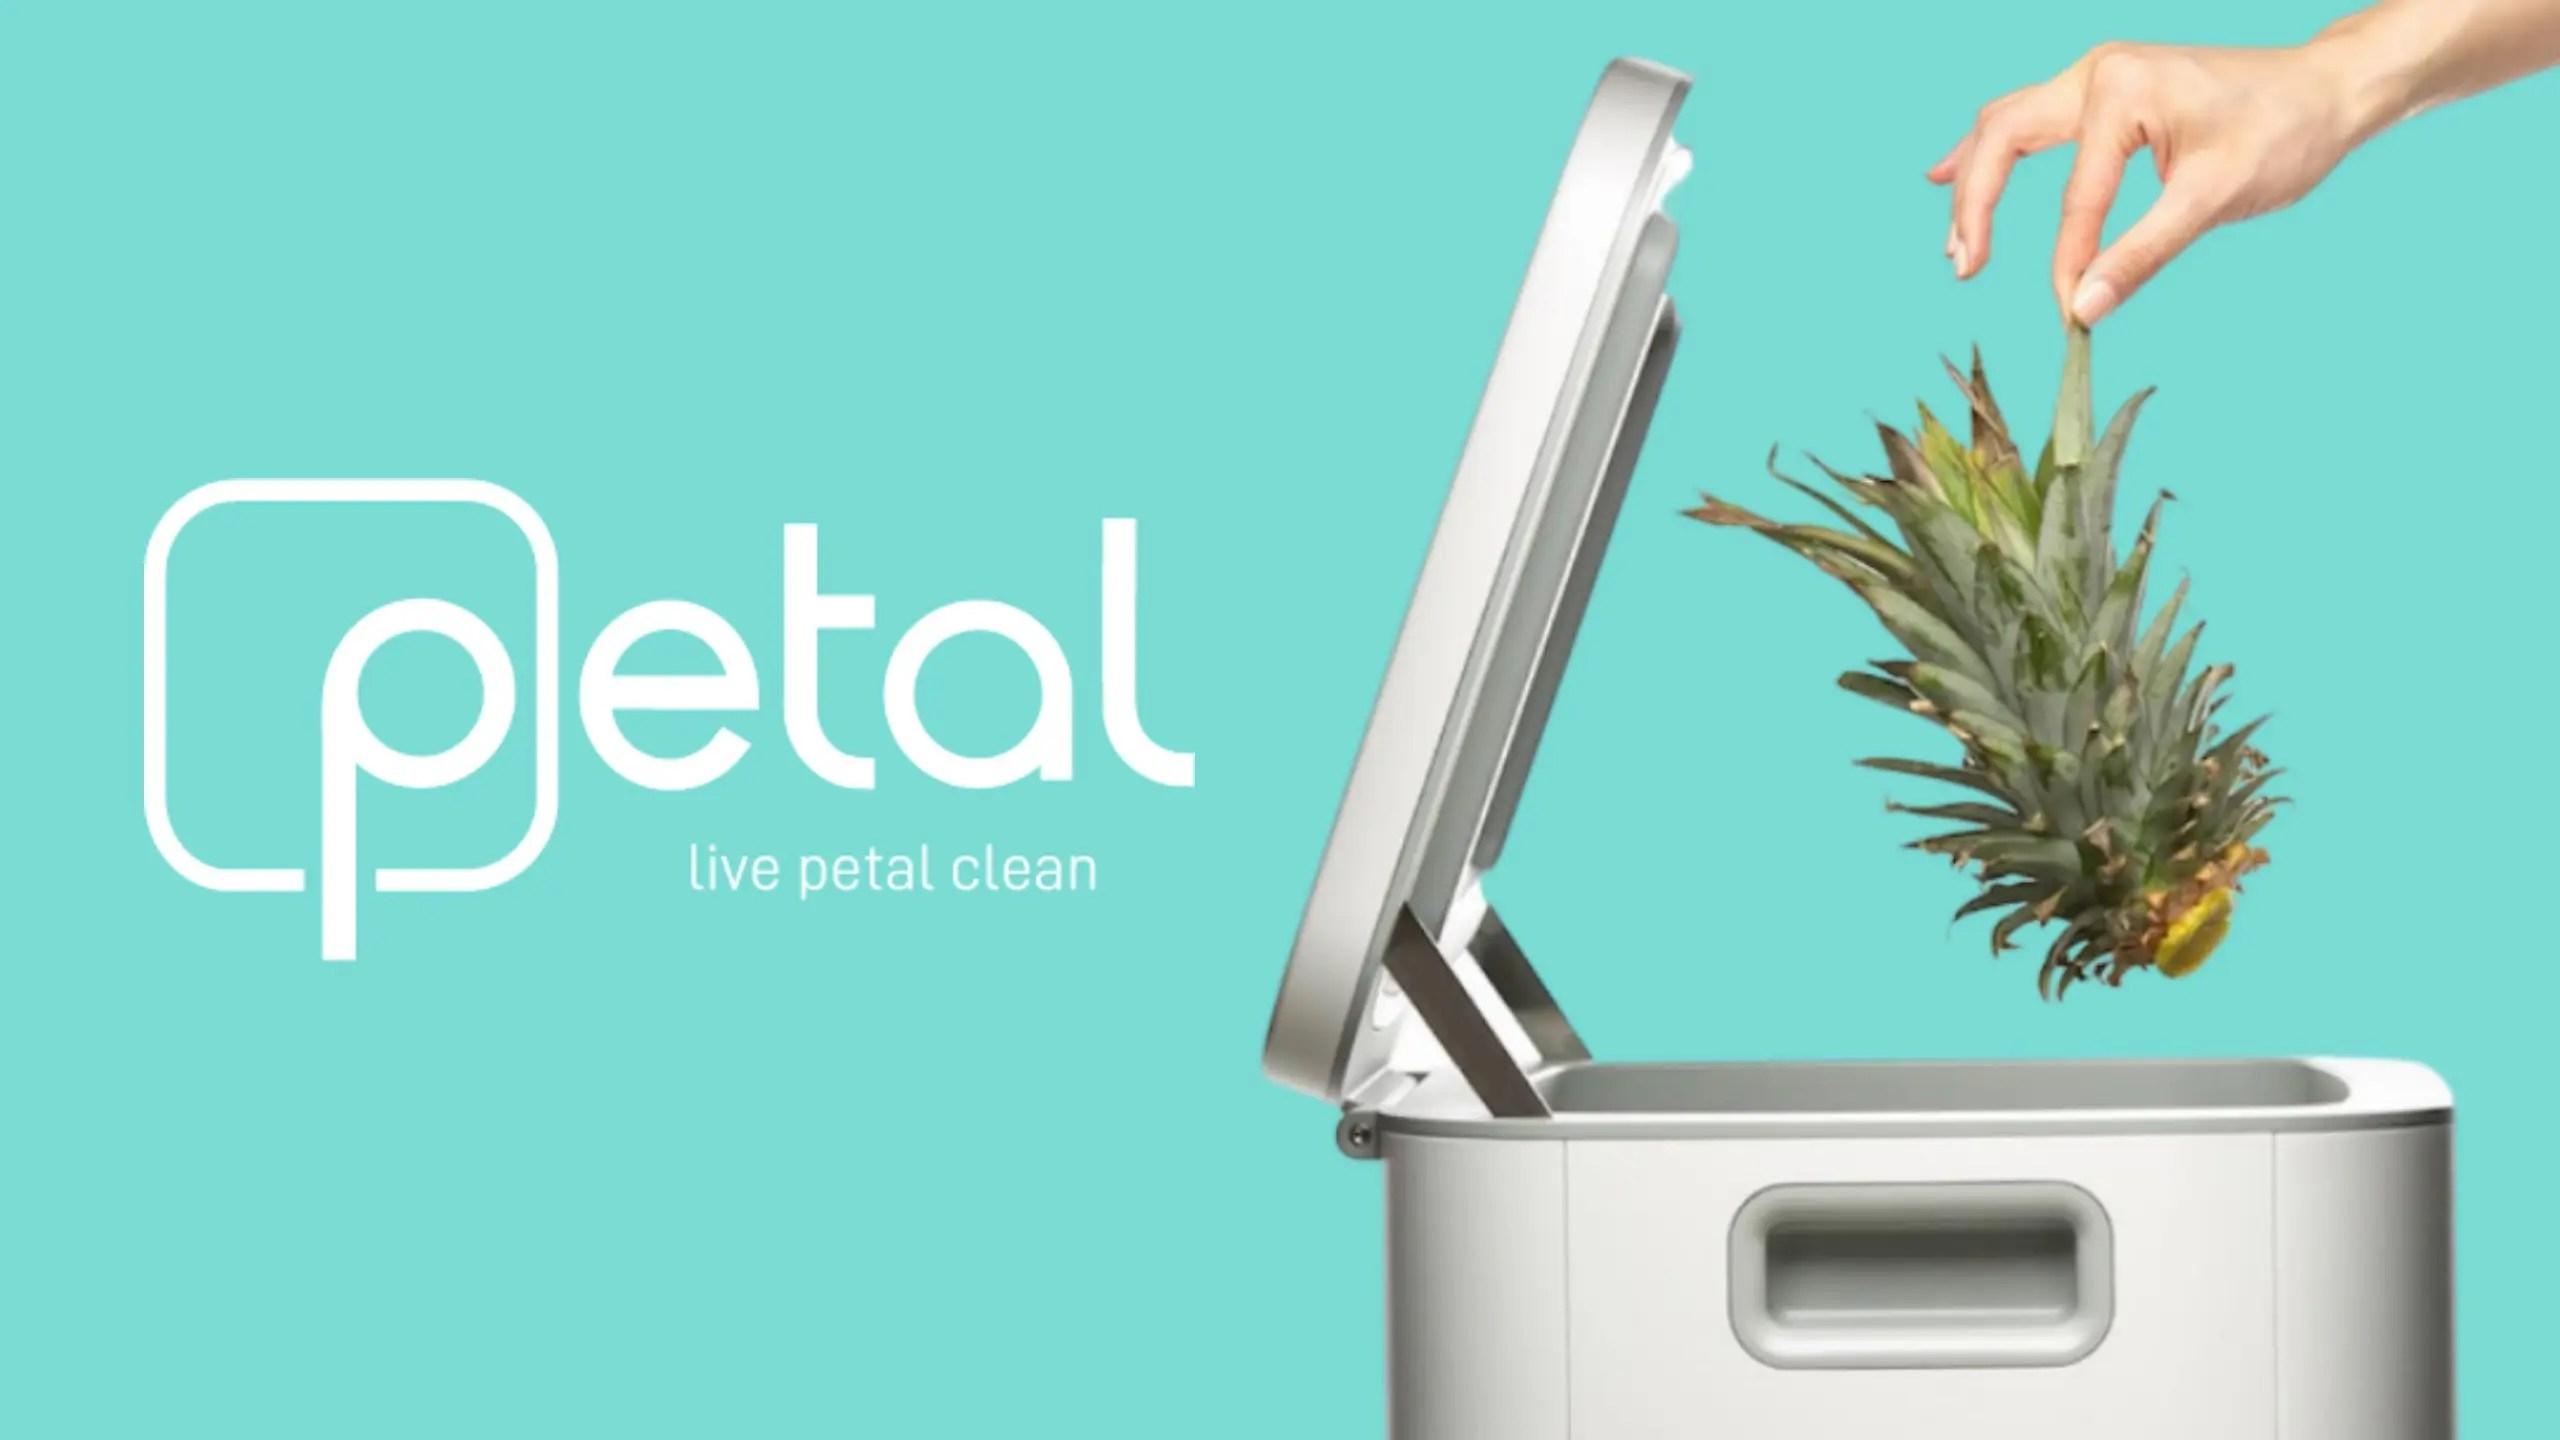 petal trash can